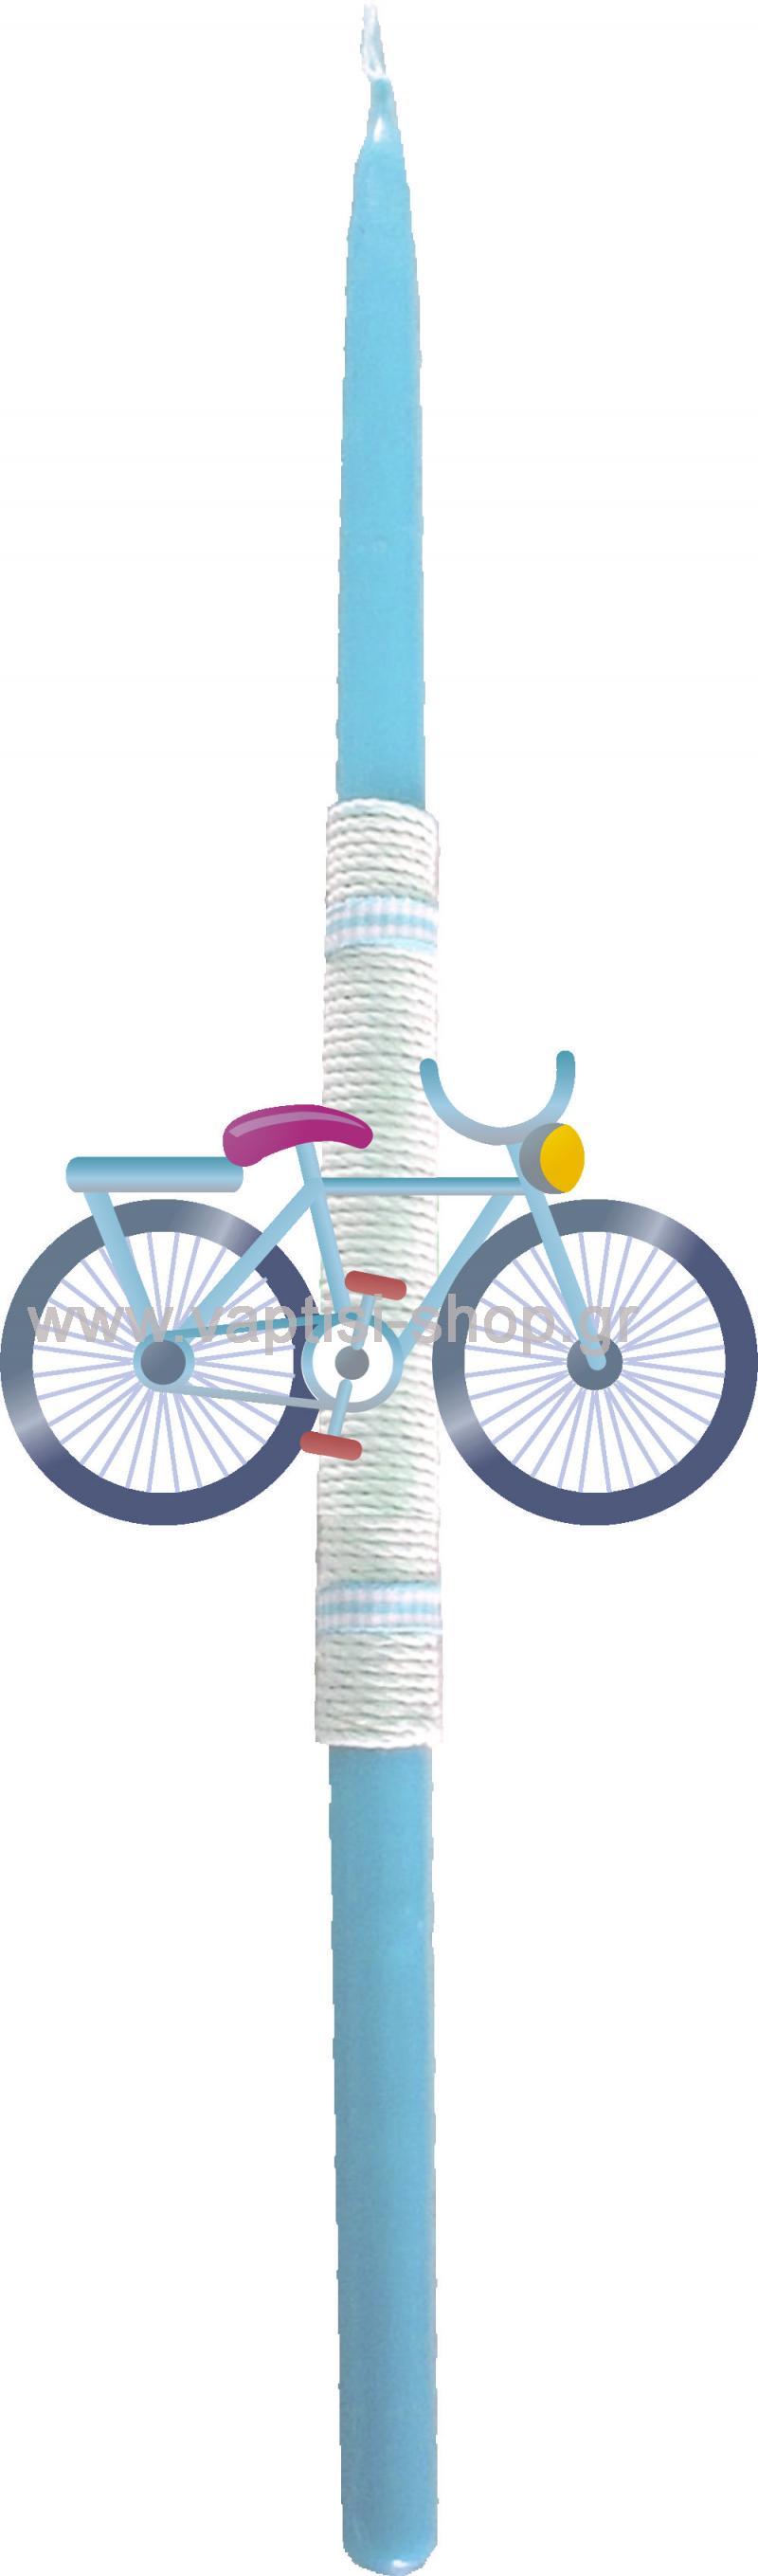 Πασχαλινή Λαμπάδα Ποδηλατάκι